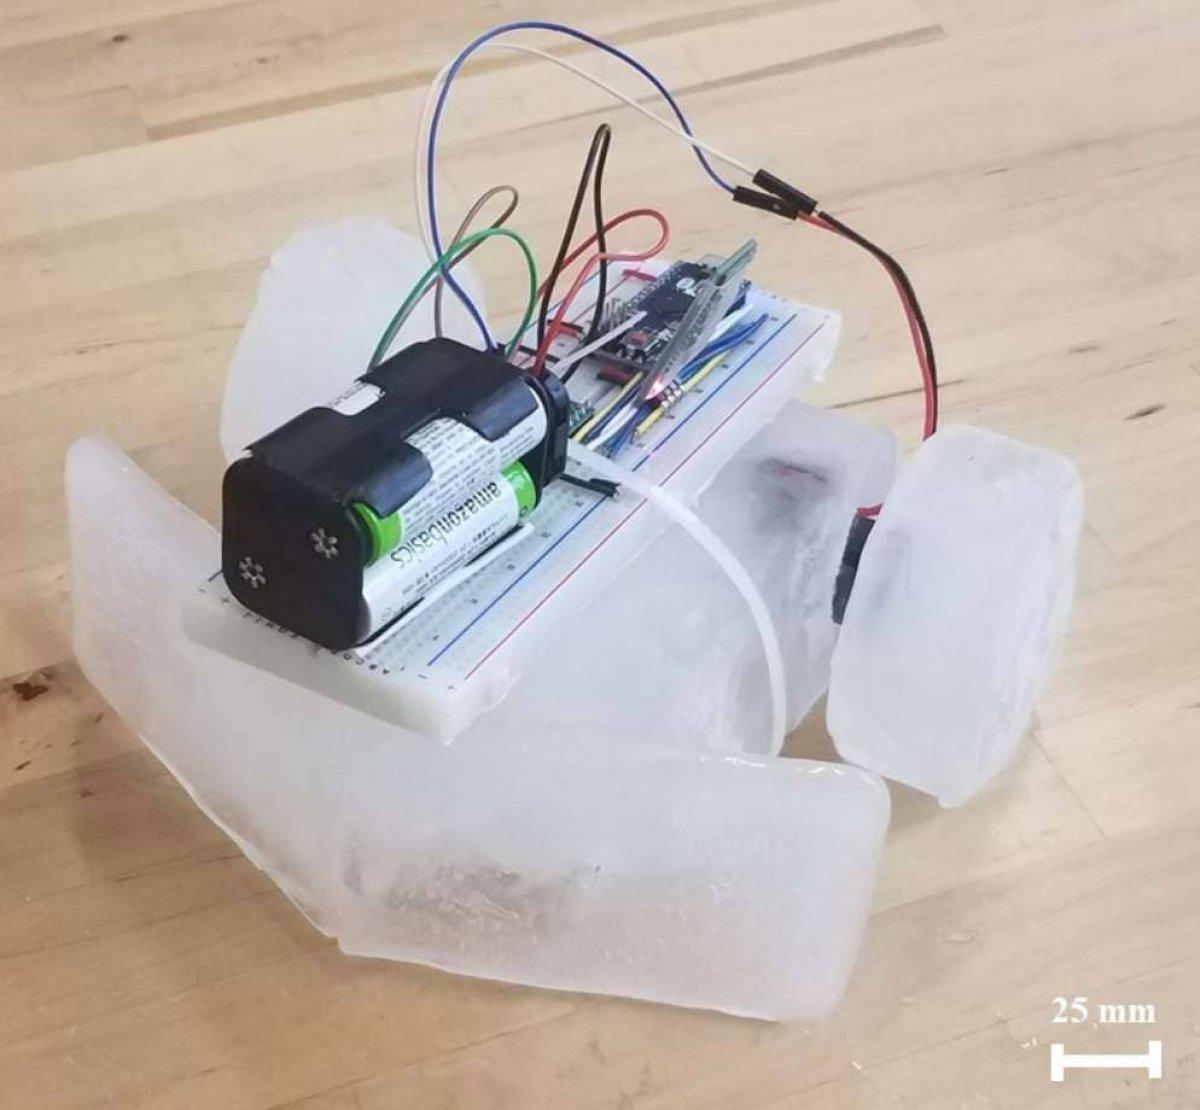 Buzla kaplı gezegenlere buzdan robotlar gönderilecek